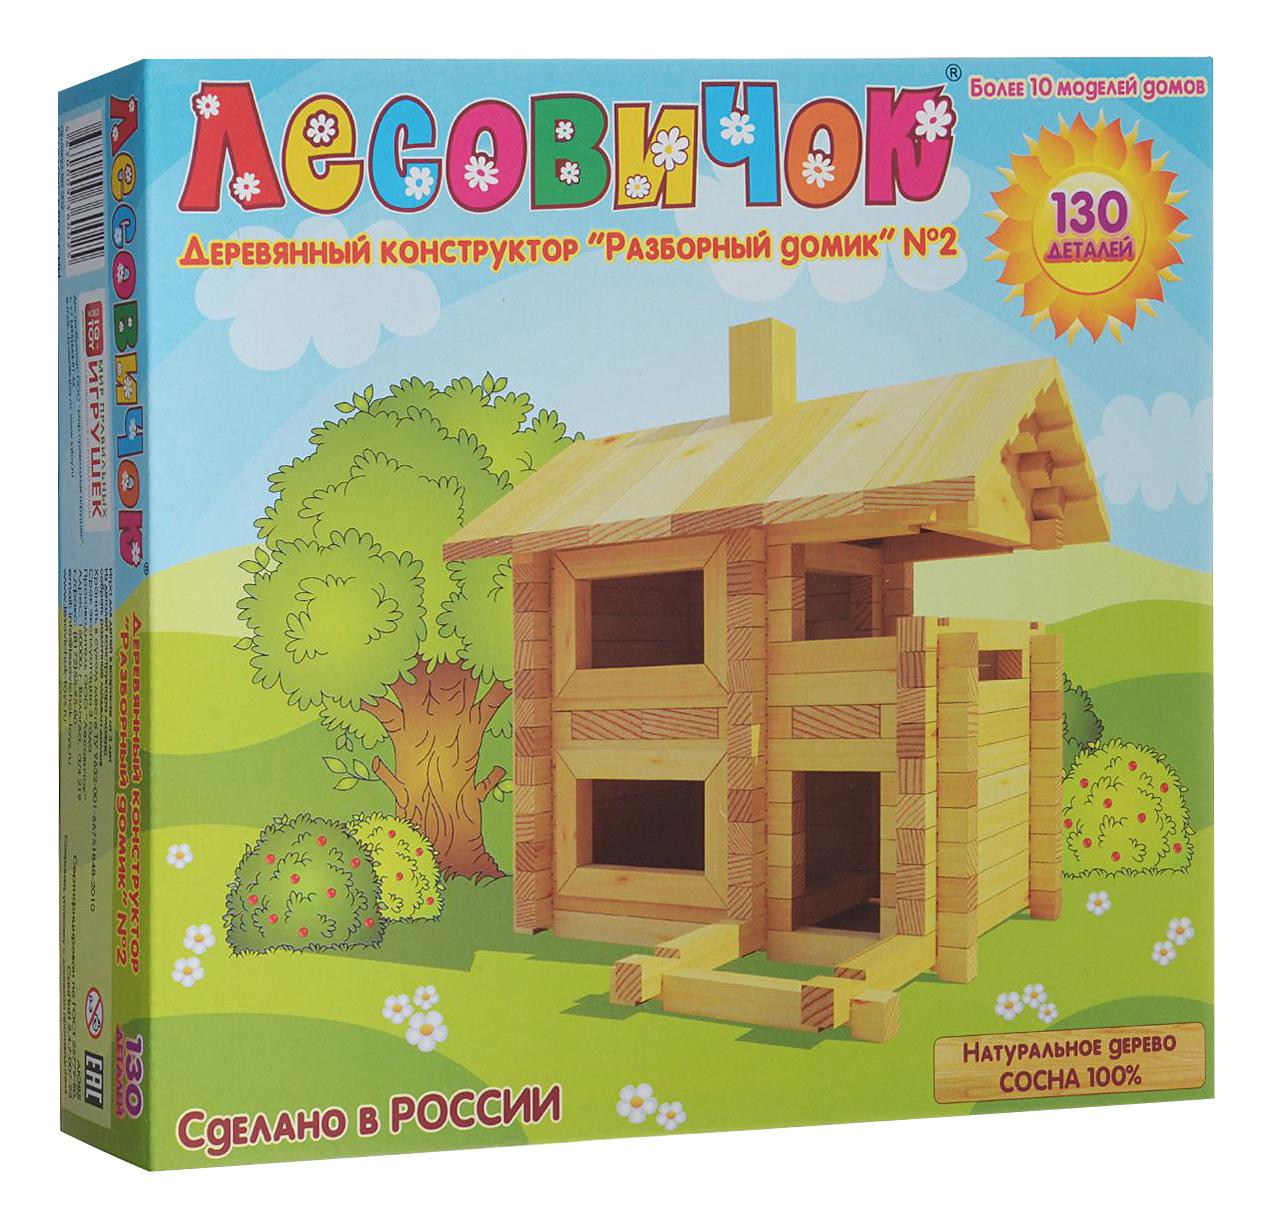 Купить Разборный домик №2, Конструктор деревянный Лесовичок Домик №2, Деревянные конструкторы